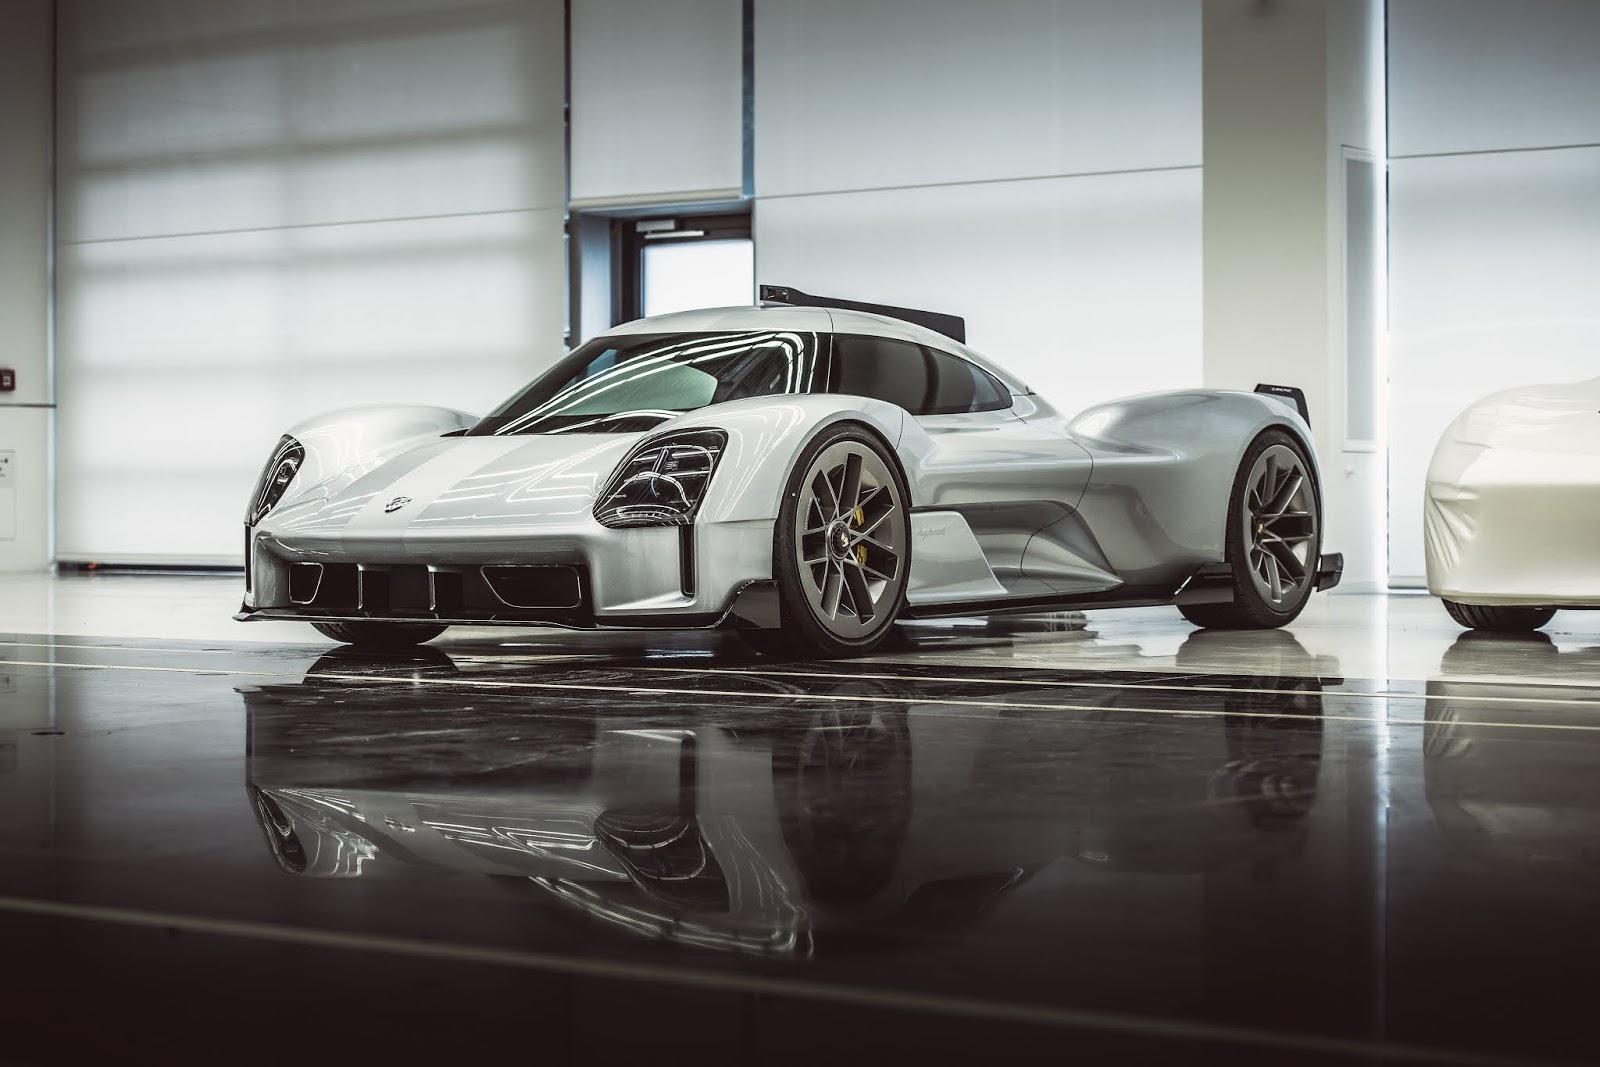 CVS0447 1 Τα άγνωστα Hypercars της Porsche hypercar, Porsche, Porsche Unseen, Sunday, supercar, supercars, zblog, ειδήσεις